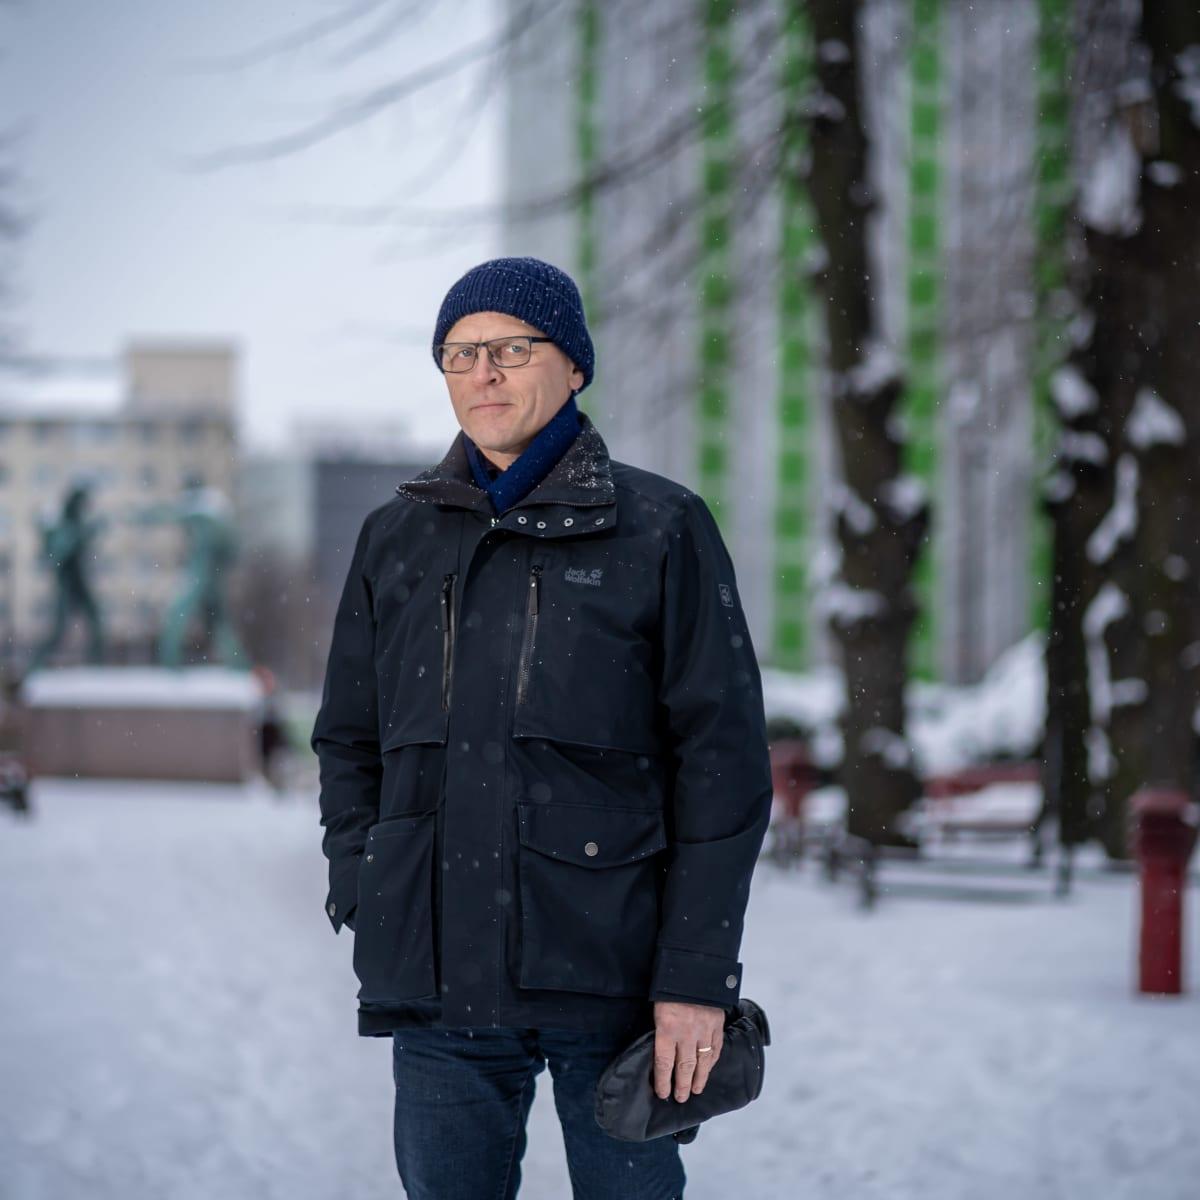 Rakennusliiton puheenjohtaja Matti Harjuniemi, Paasivuoren puistikko, Helsinki, 18.1.2021.